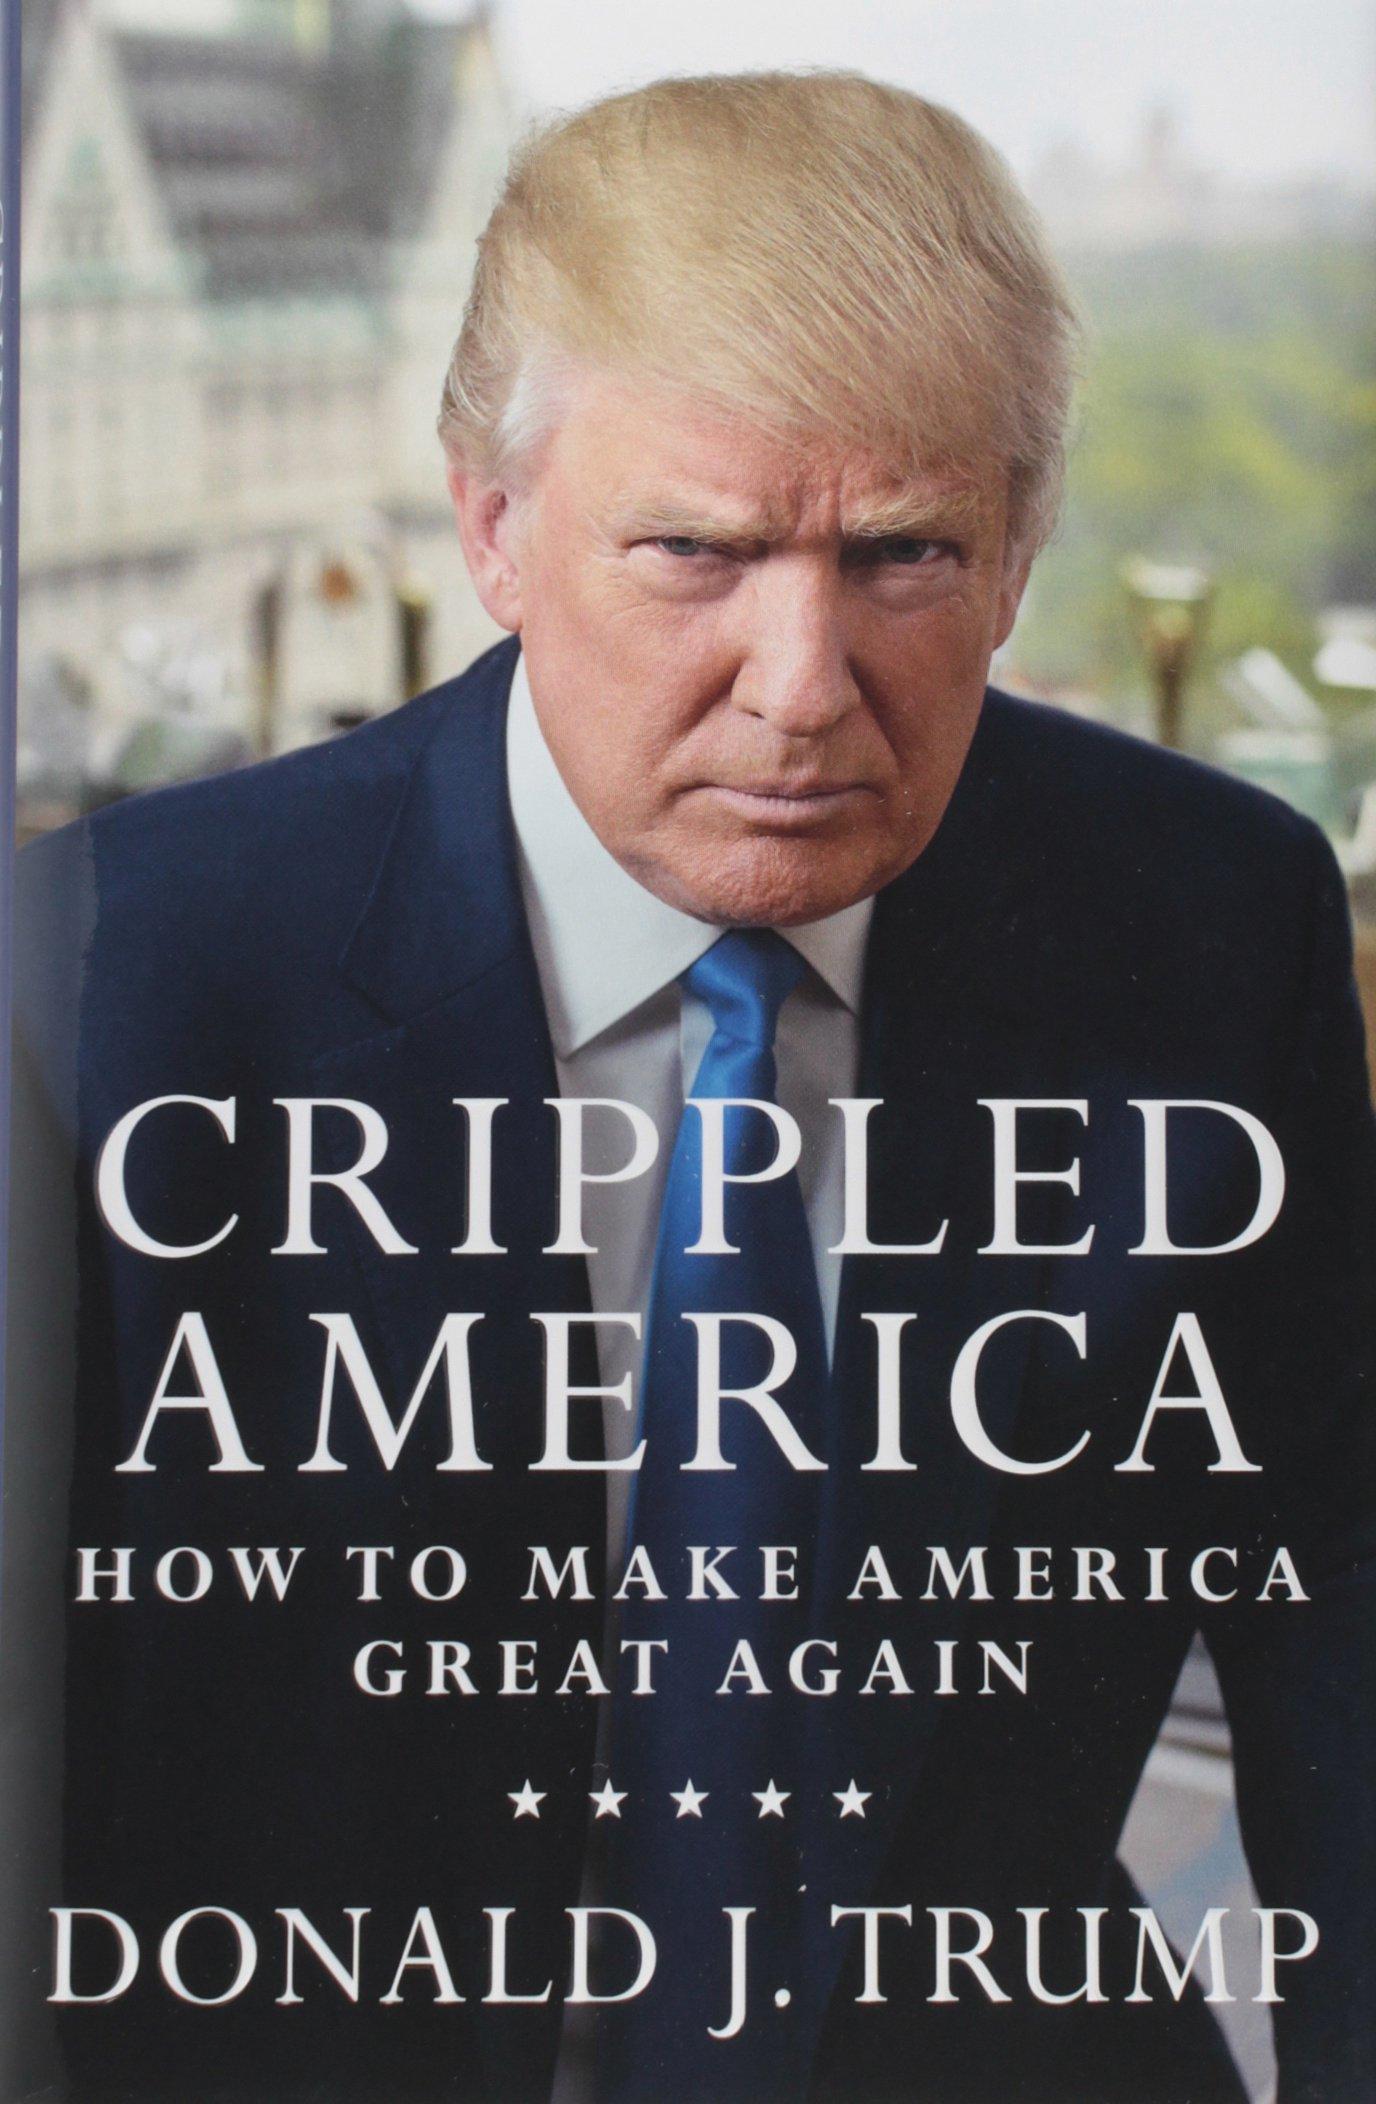 Crippled America: How to Make America Great Again ISBN-13 9781501137969